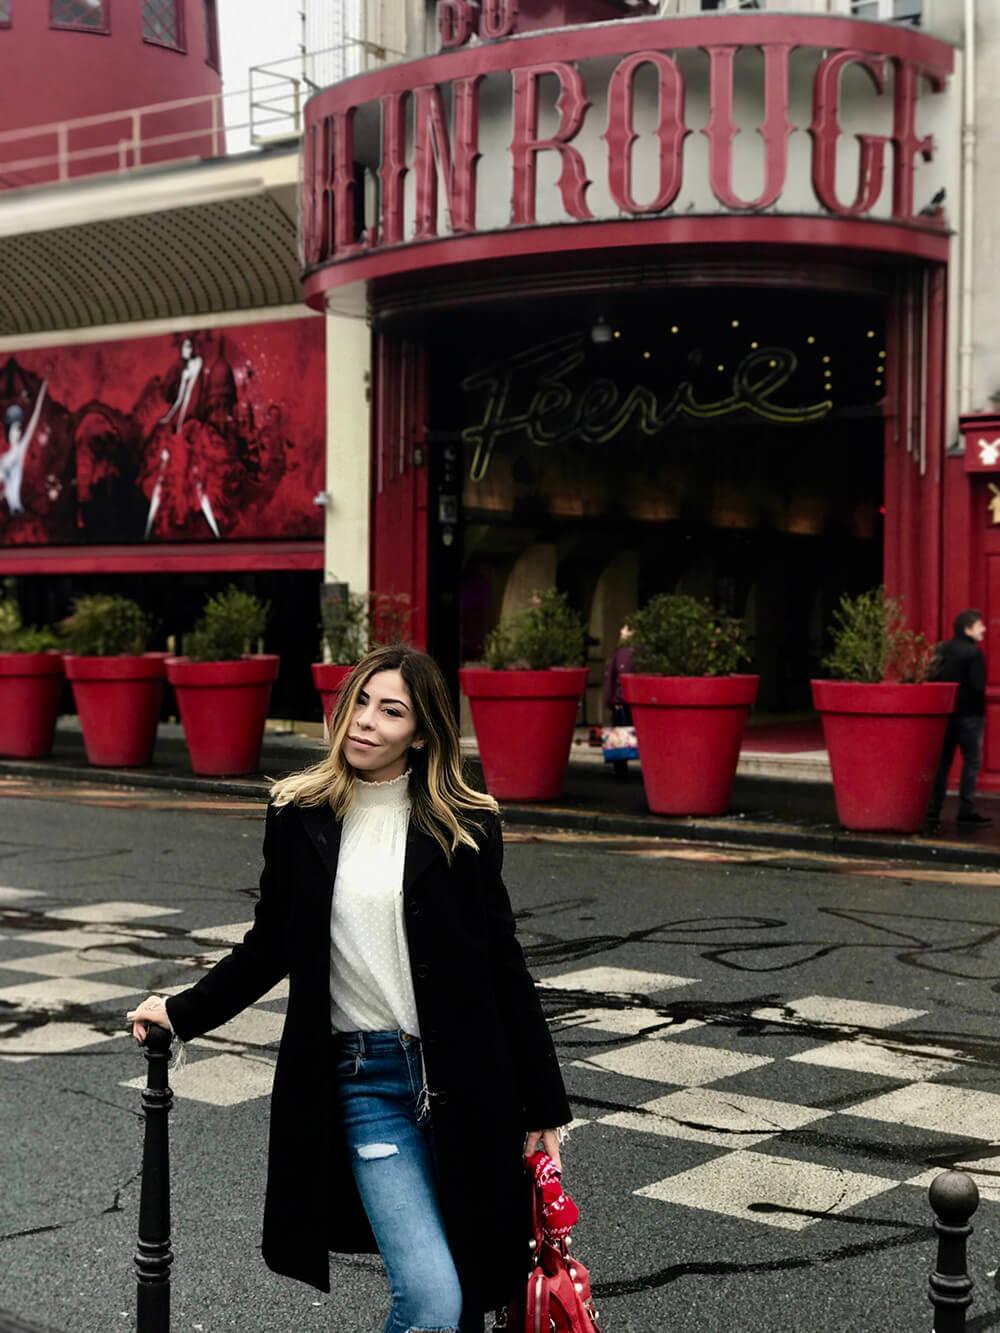 Olha eu fazendo pose no Moulin Rouge